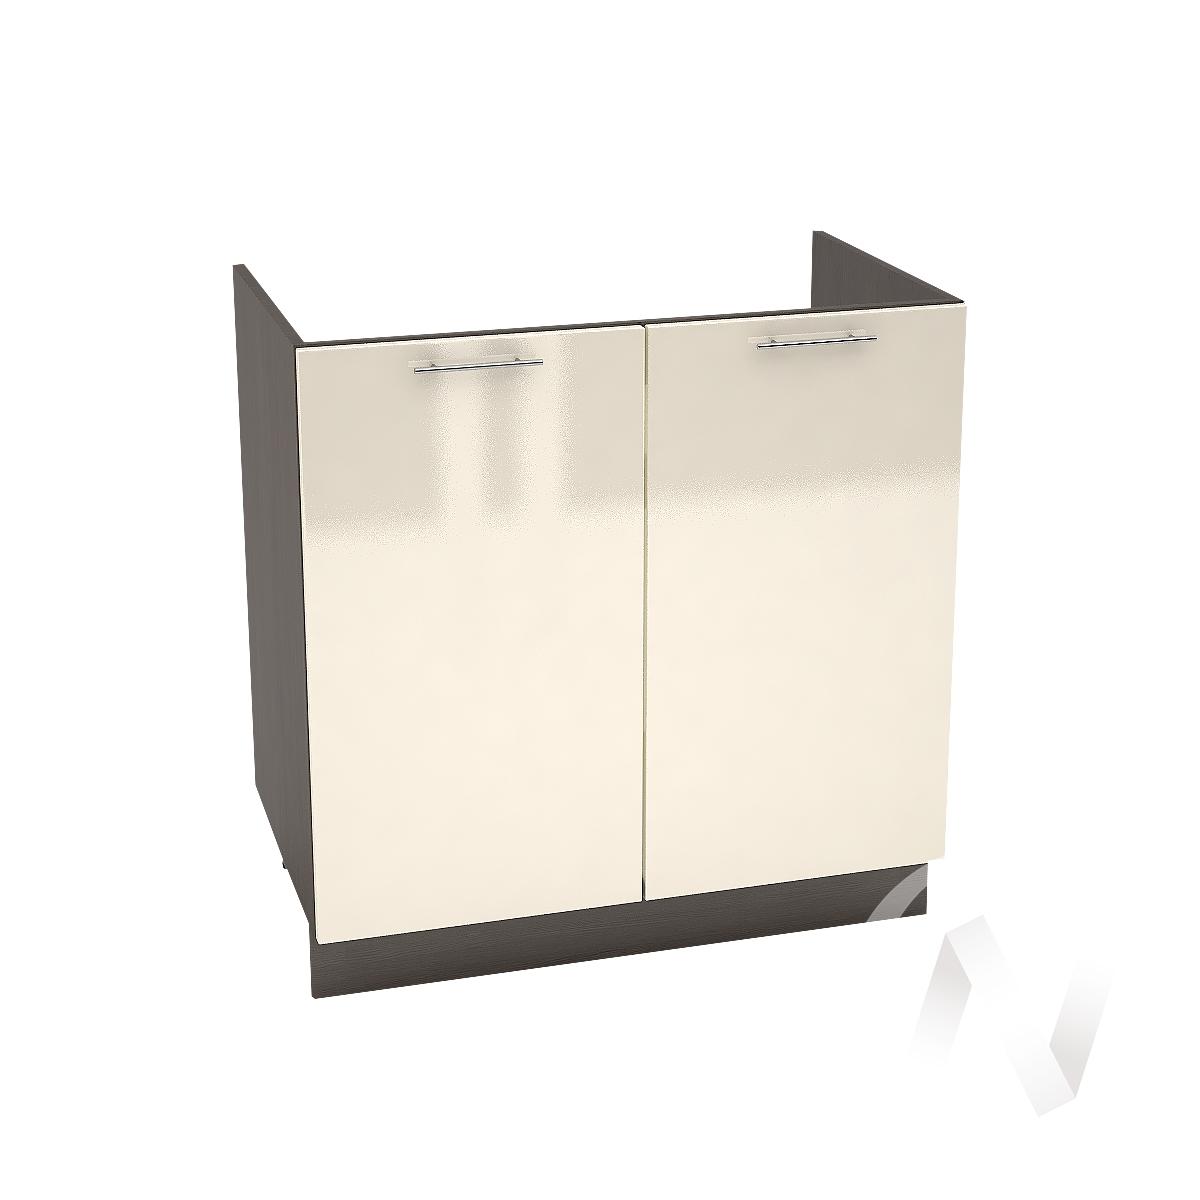 """Кухня """"Валерия-М"""": Шкаф нижний под мойку 800, ШНМ 800 новый (Ваниль глянец/корпус венге)"""